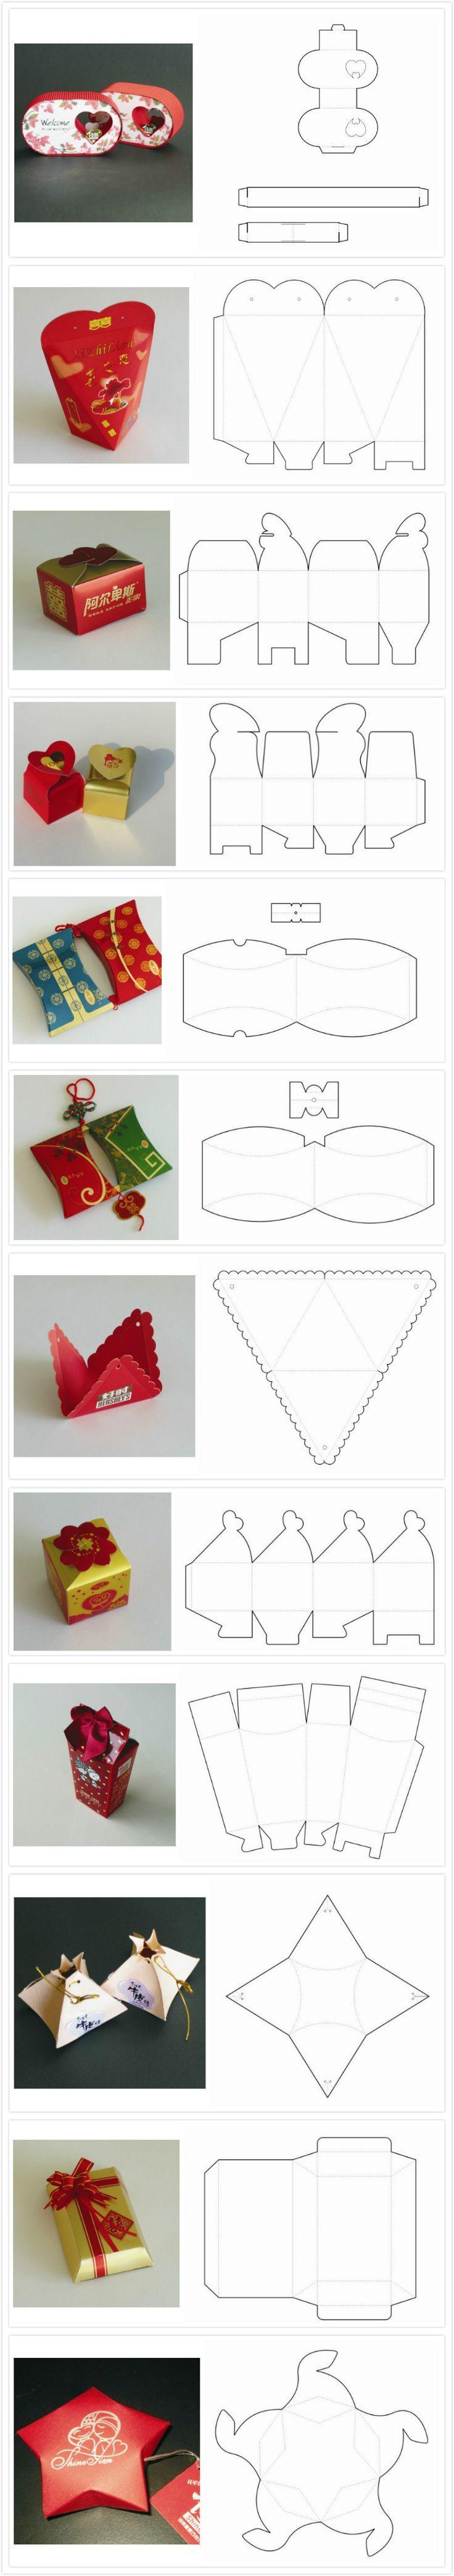 Scatoline di cartoncino, portaconfetti o scatoline regalo - Modelli | Questo Lo Riciclo, Ti Piace L'Idea? - Via al Riciclo Creativo!